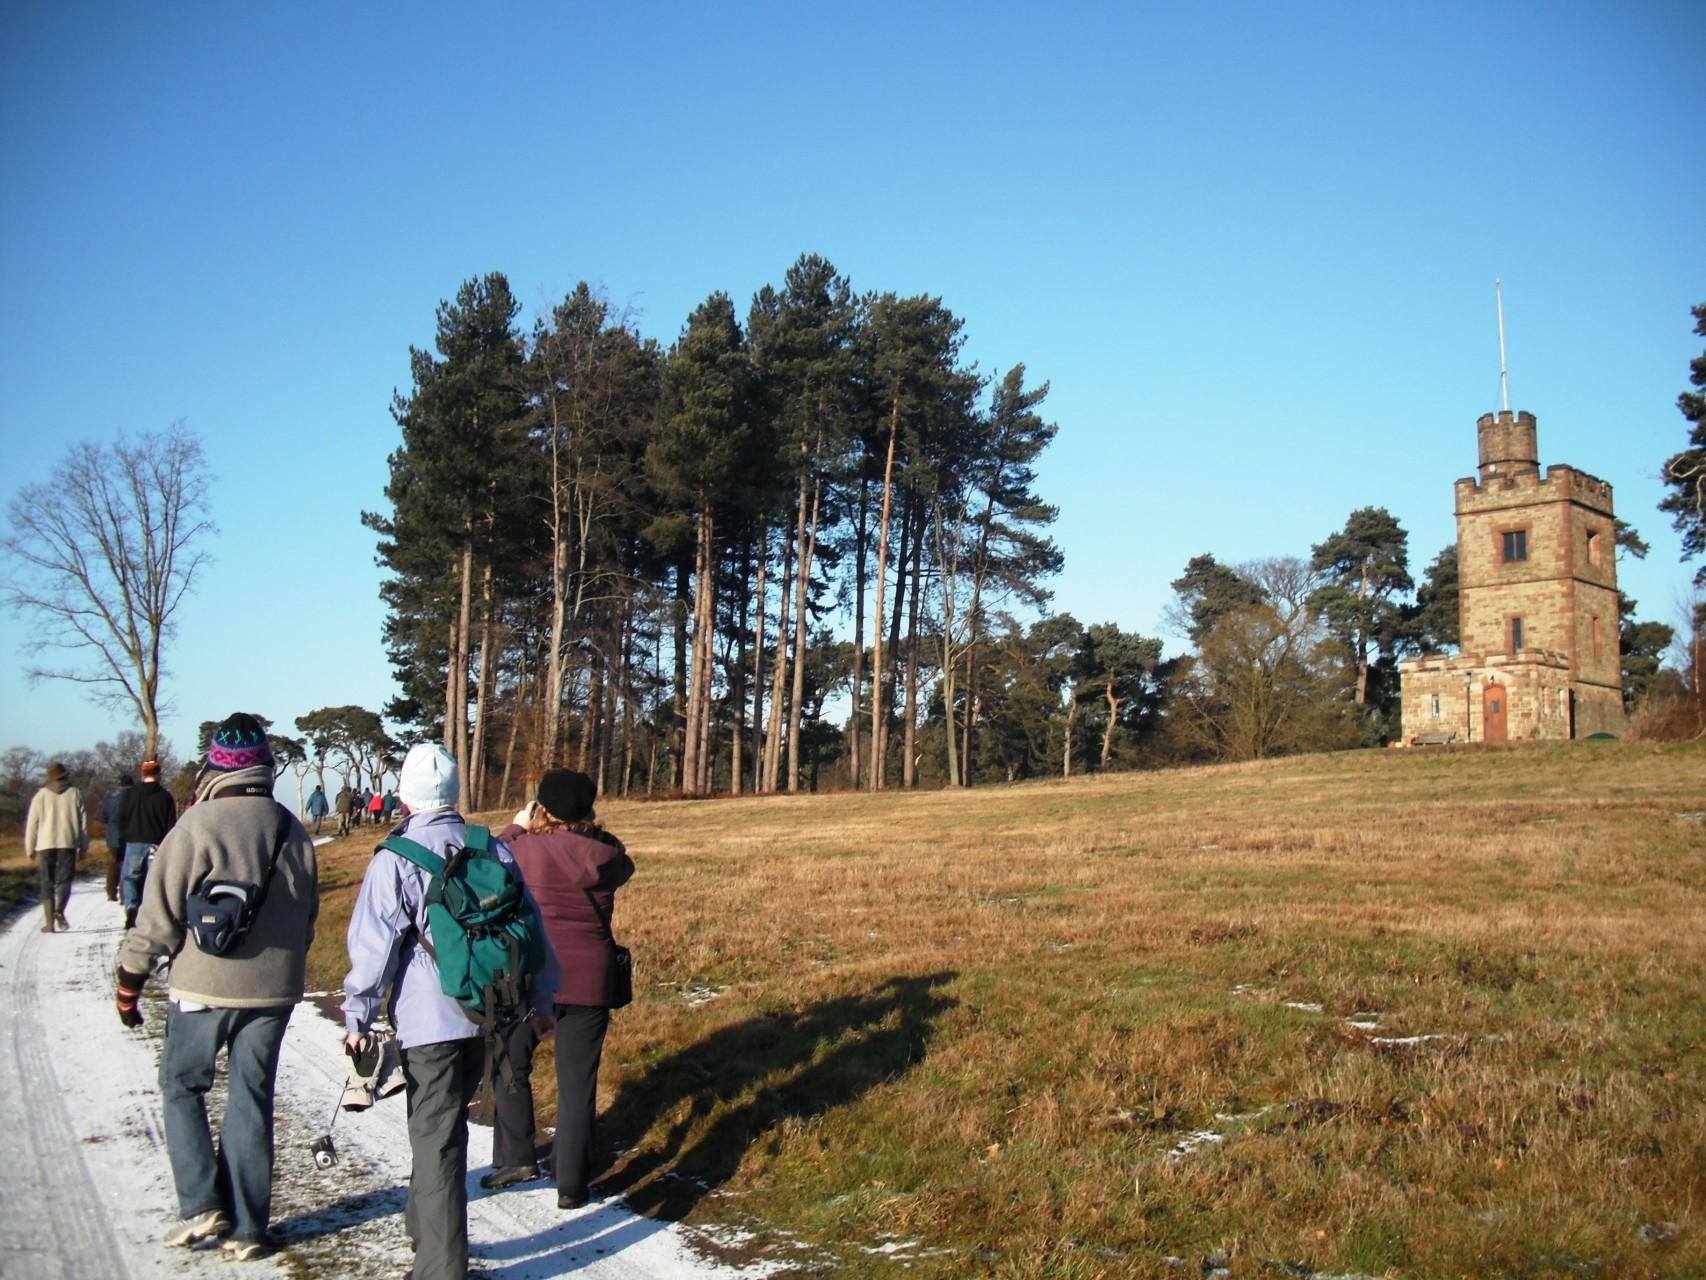 Knoll Tower at Weston Park